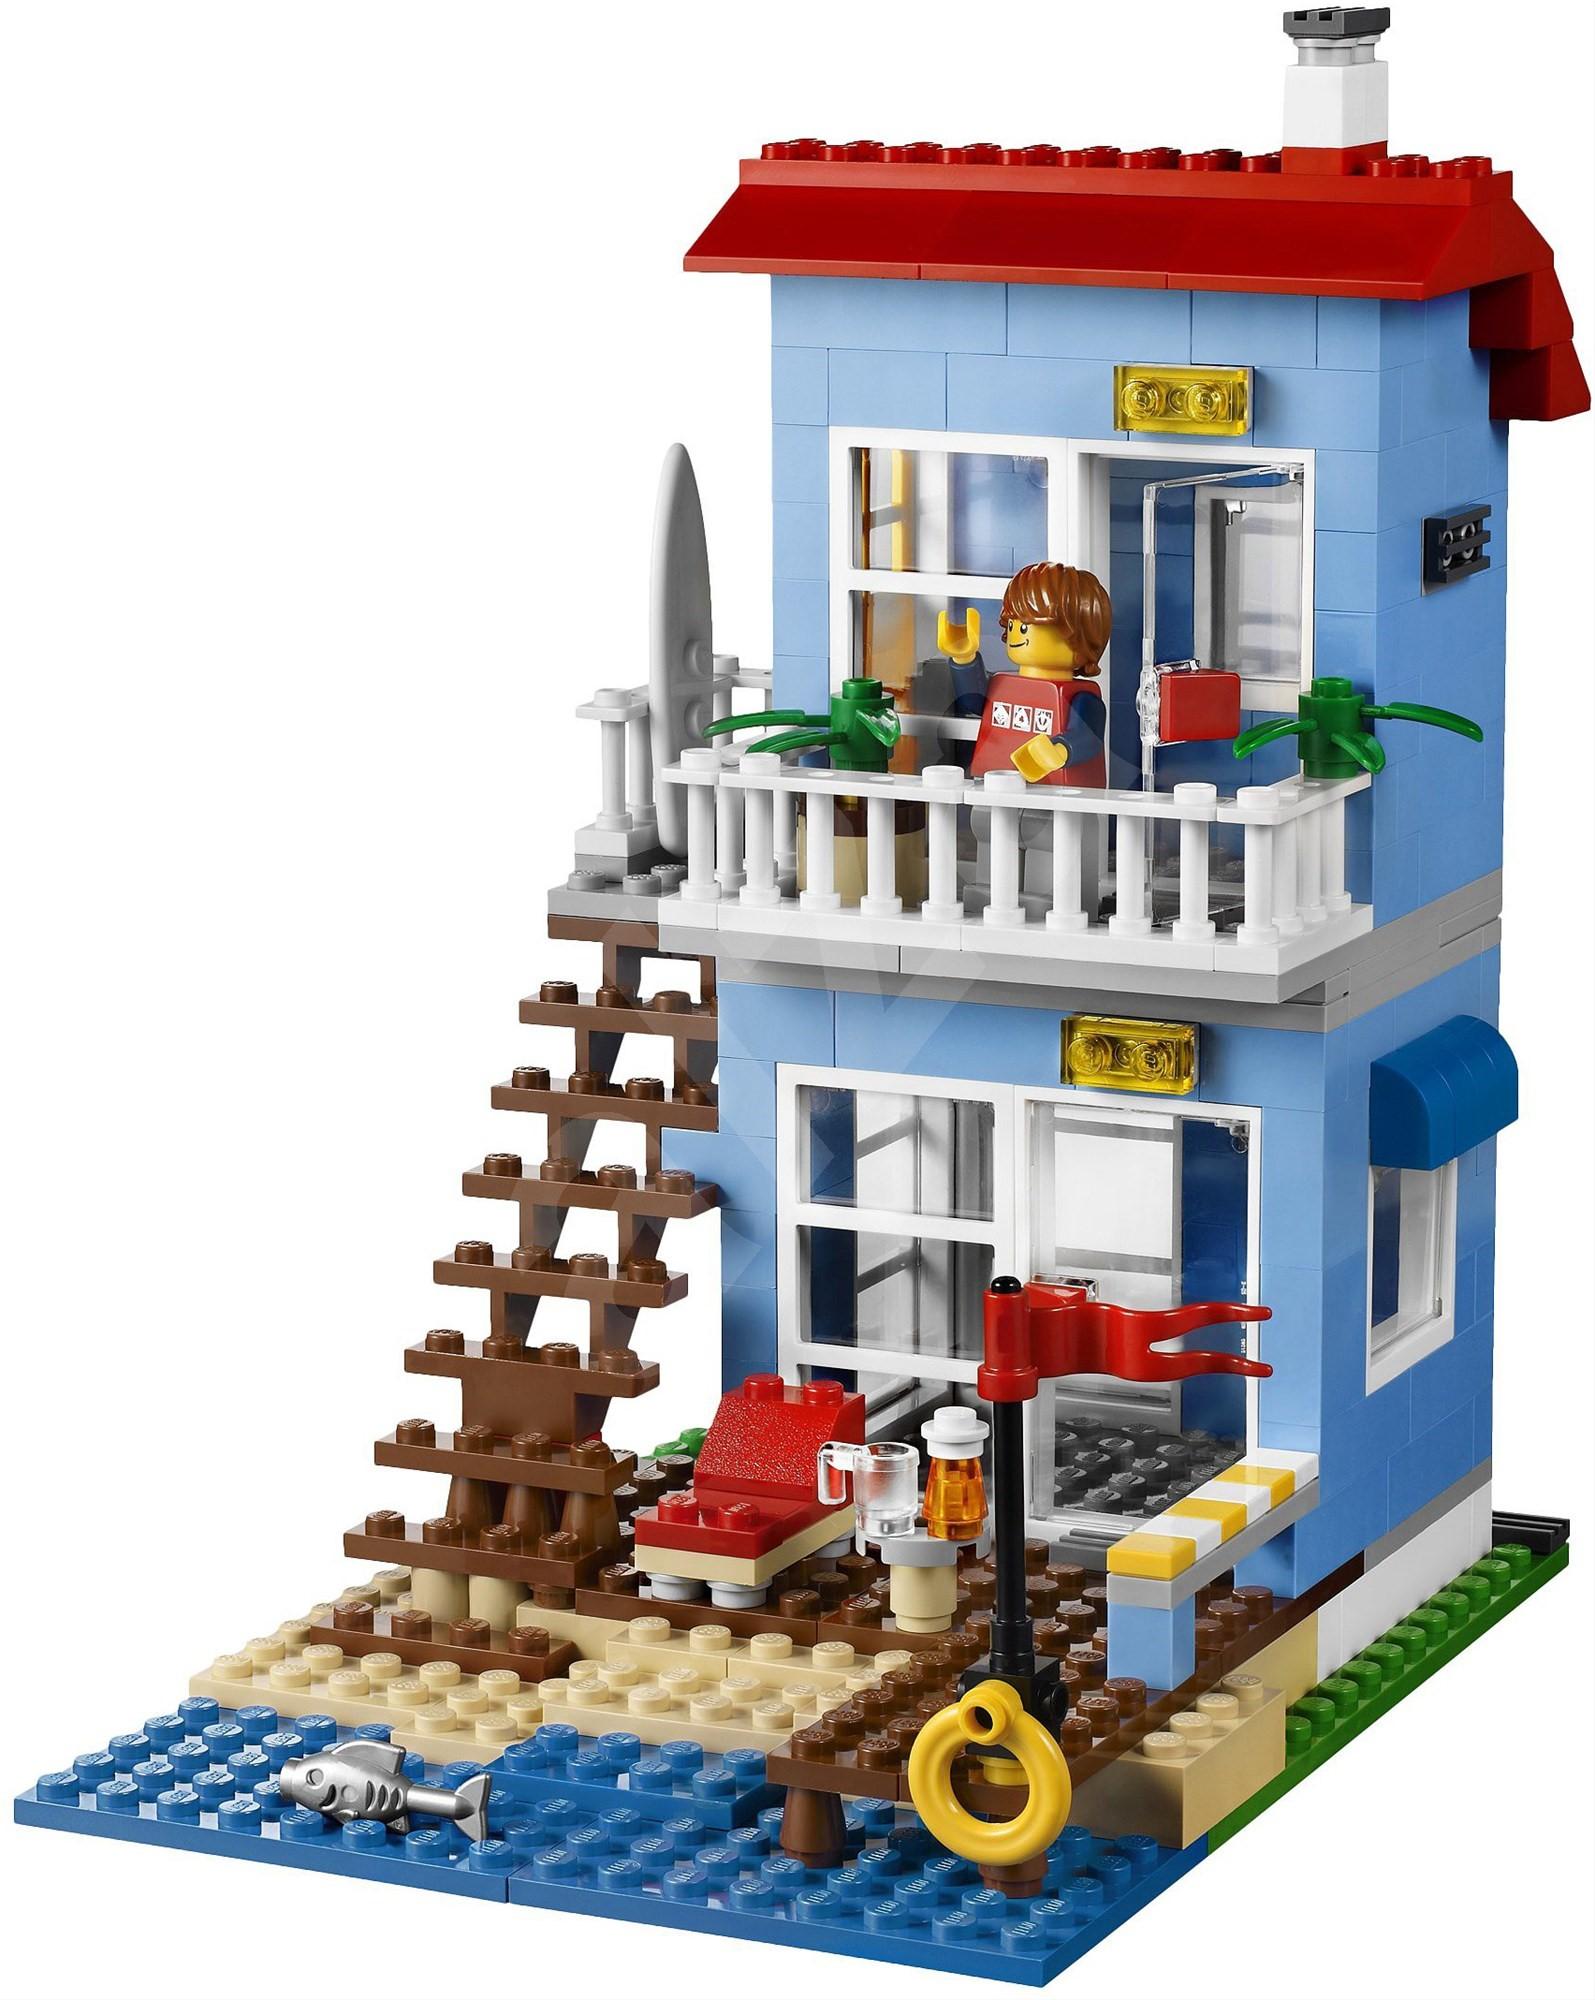 Lego creator 7346 beach house building kit for House creator